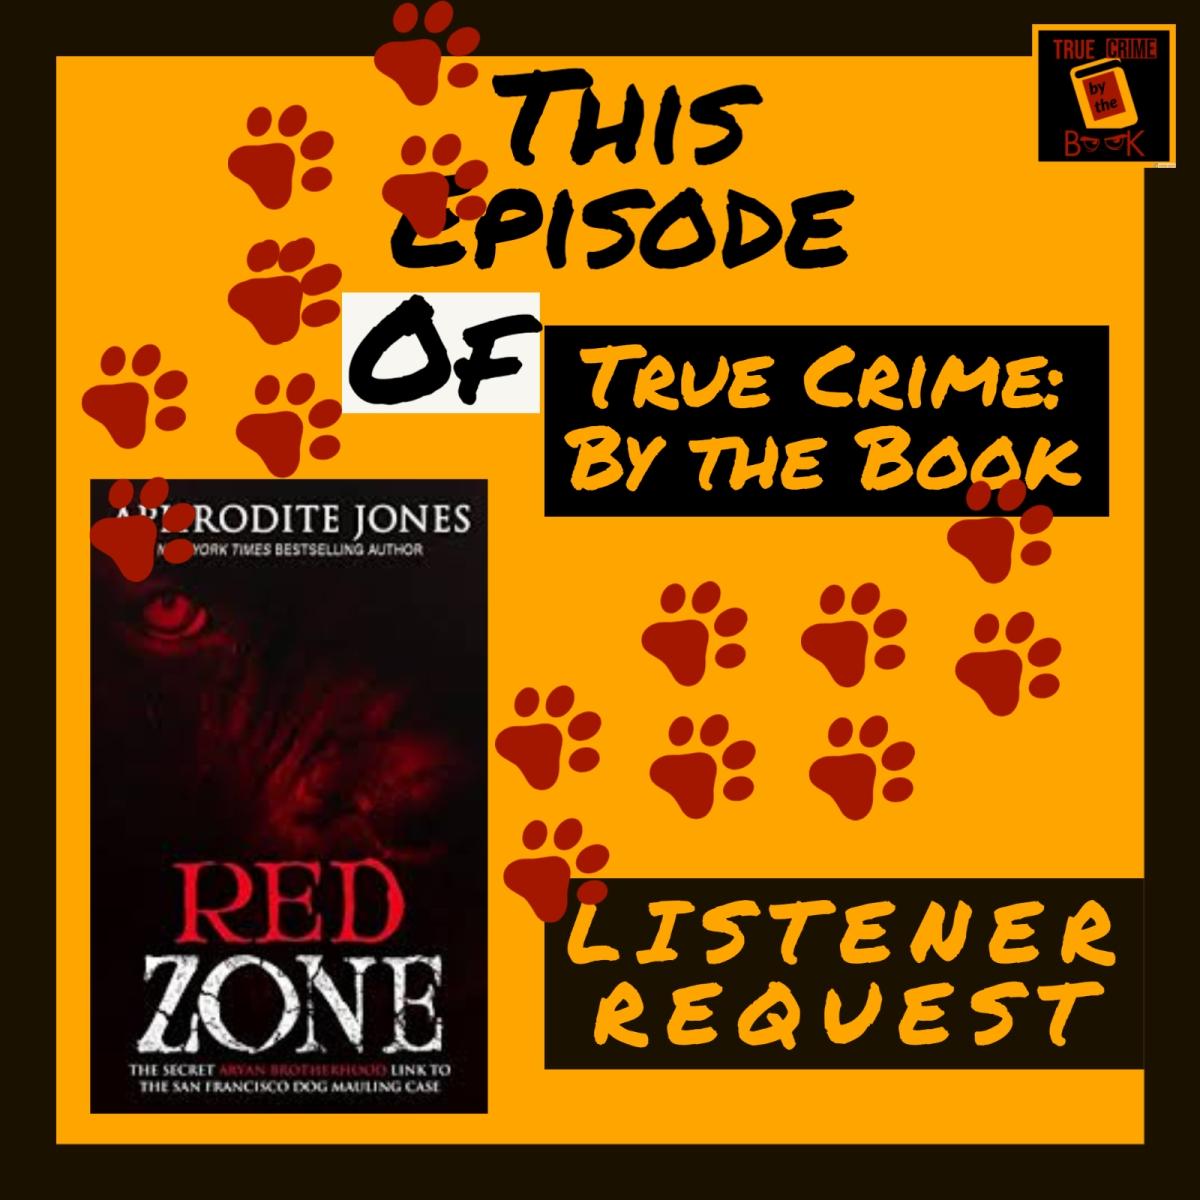 Red Zone- ListenerRequest!